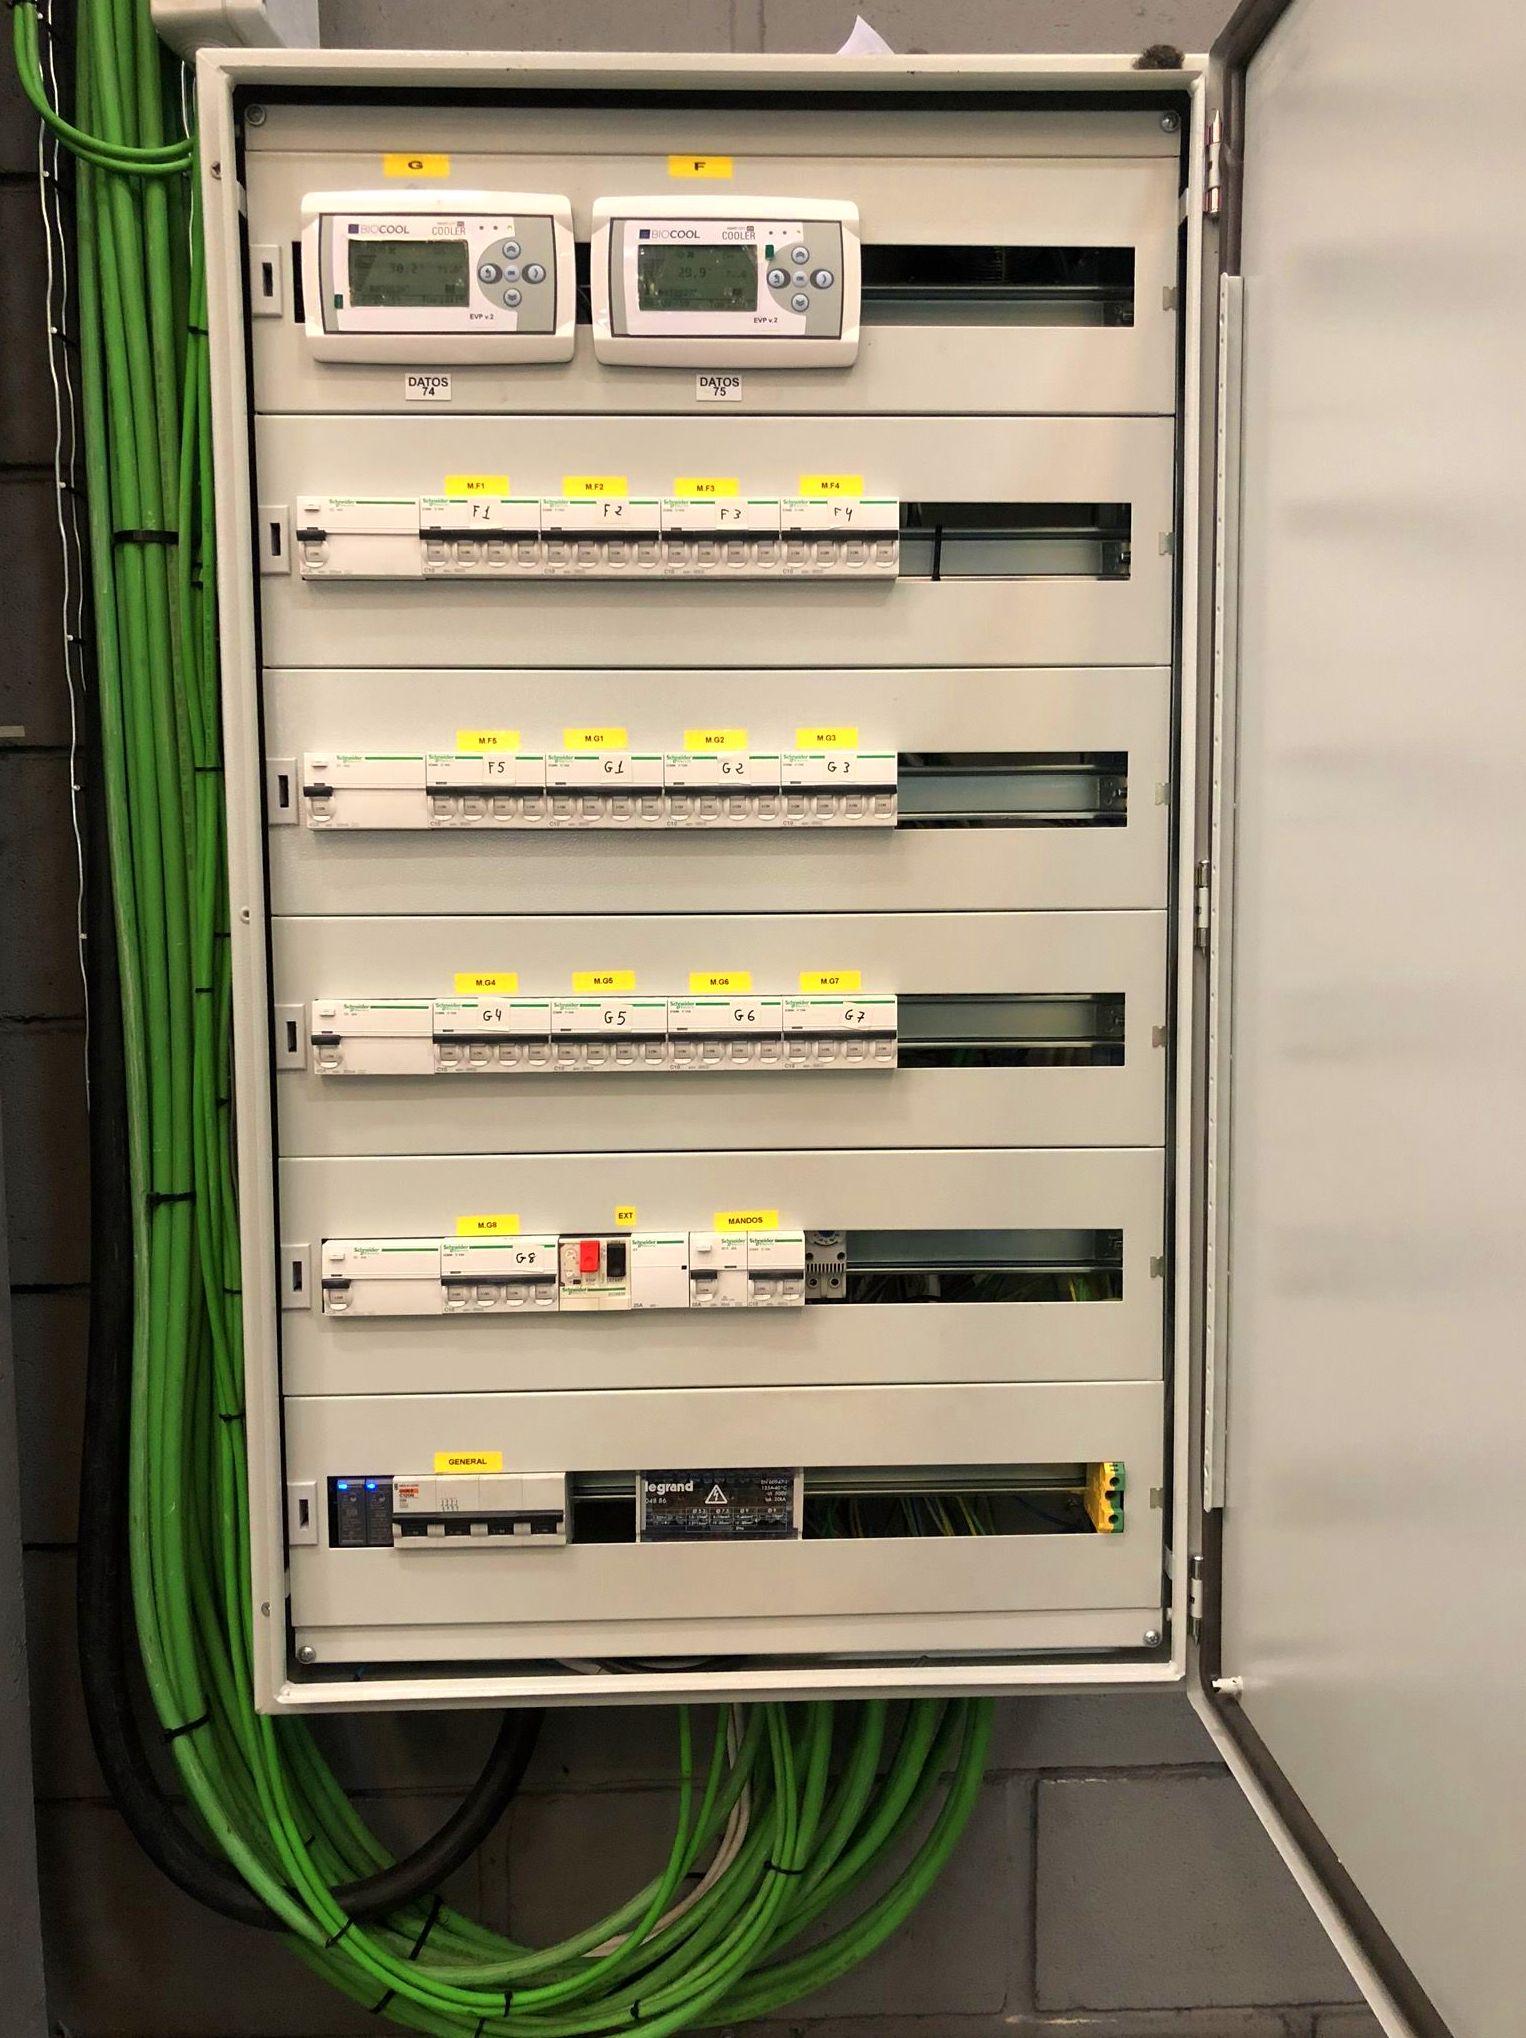 Instalación de cuadro eléctrico de frio industrial